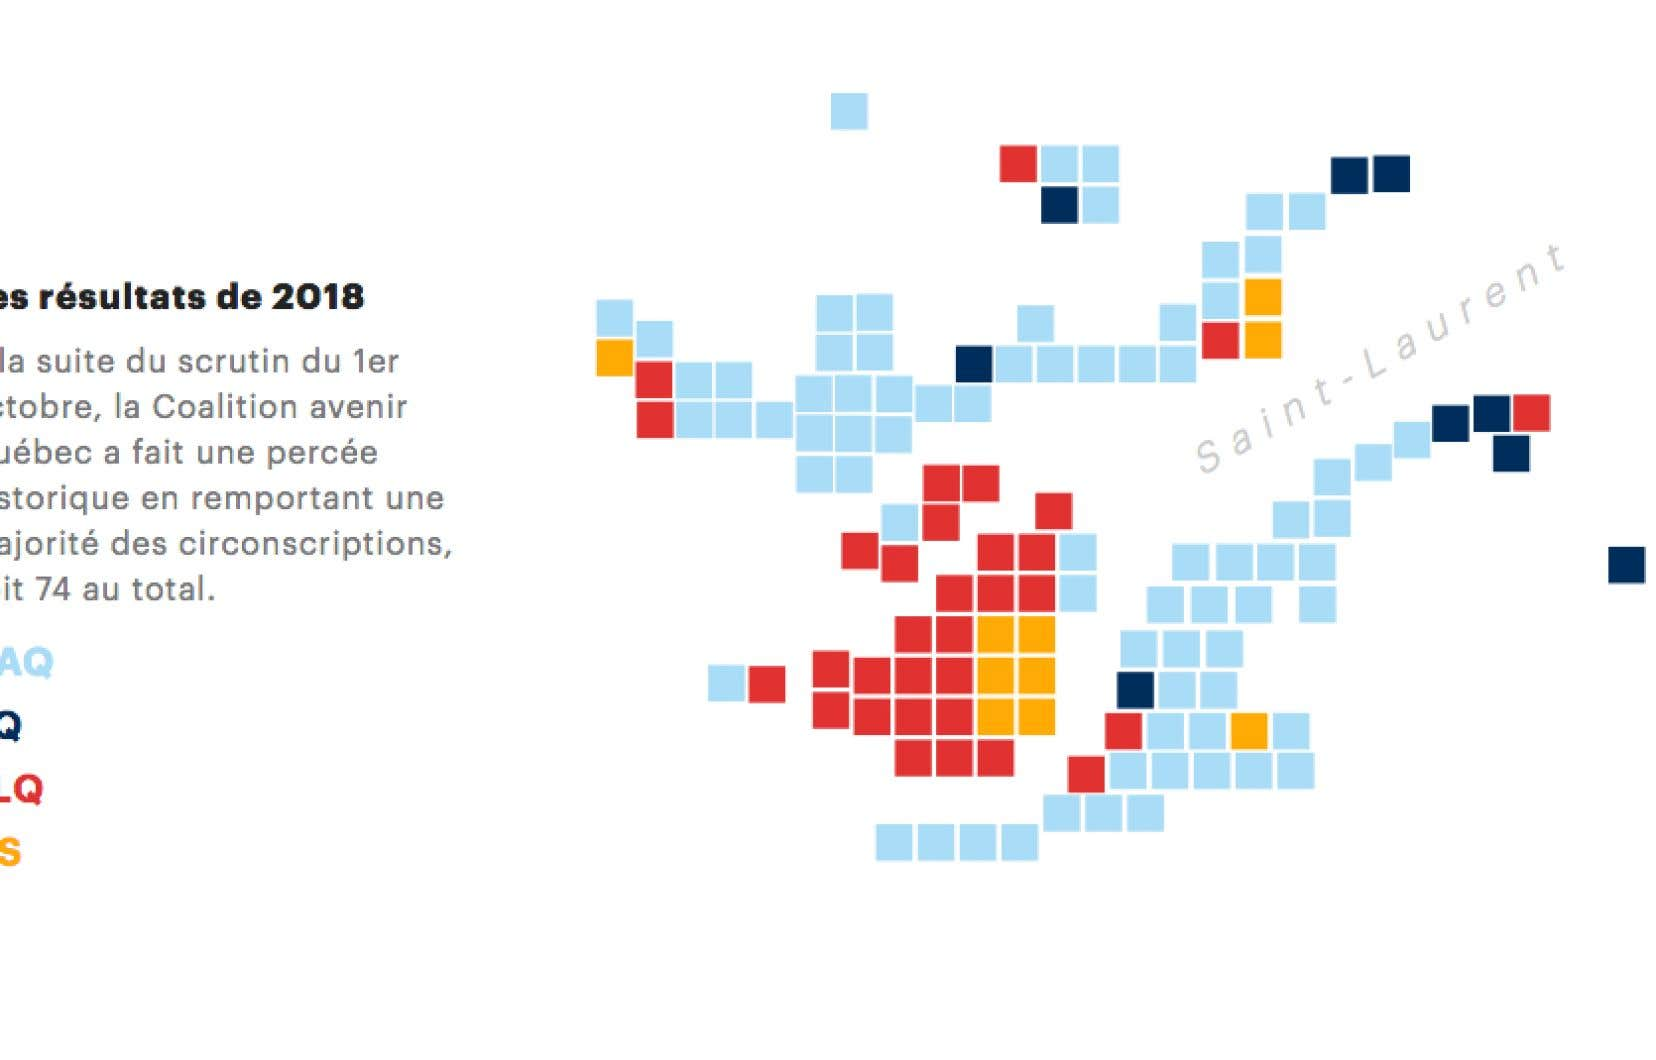 À la suite du scrutin du 1er octobre, la Coalition avenir Québec a fait une percée historique en remportant une majorité des circonscriptions, soit 74 au total.